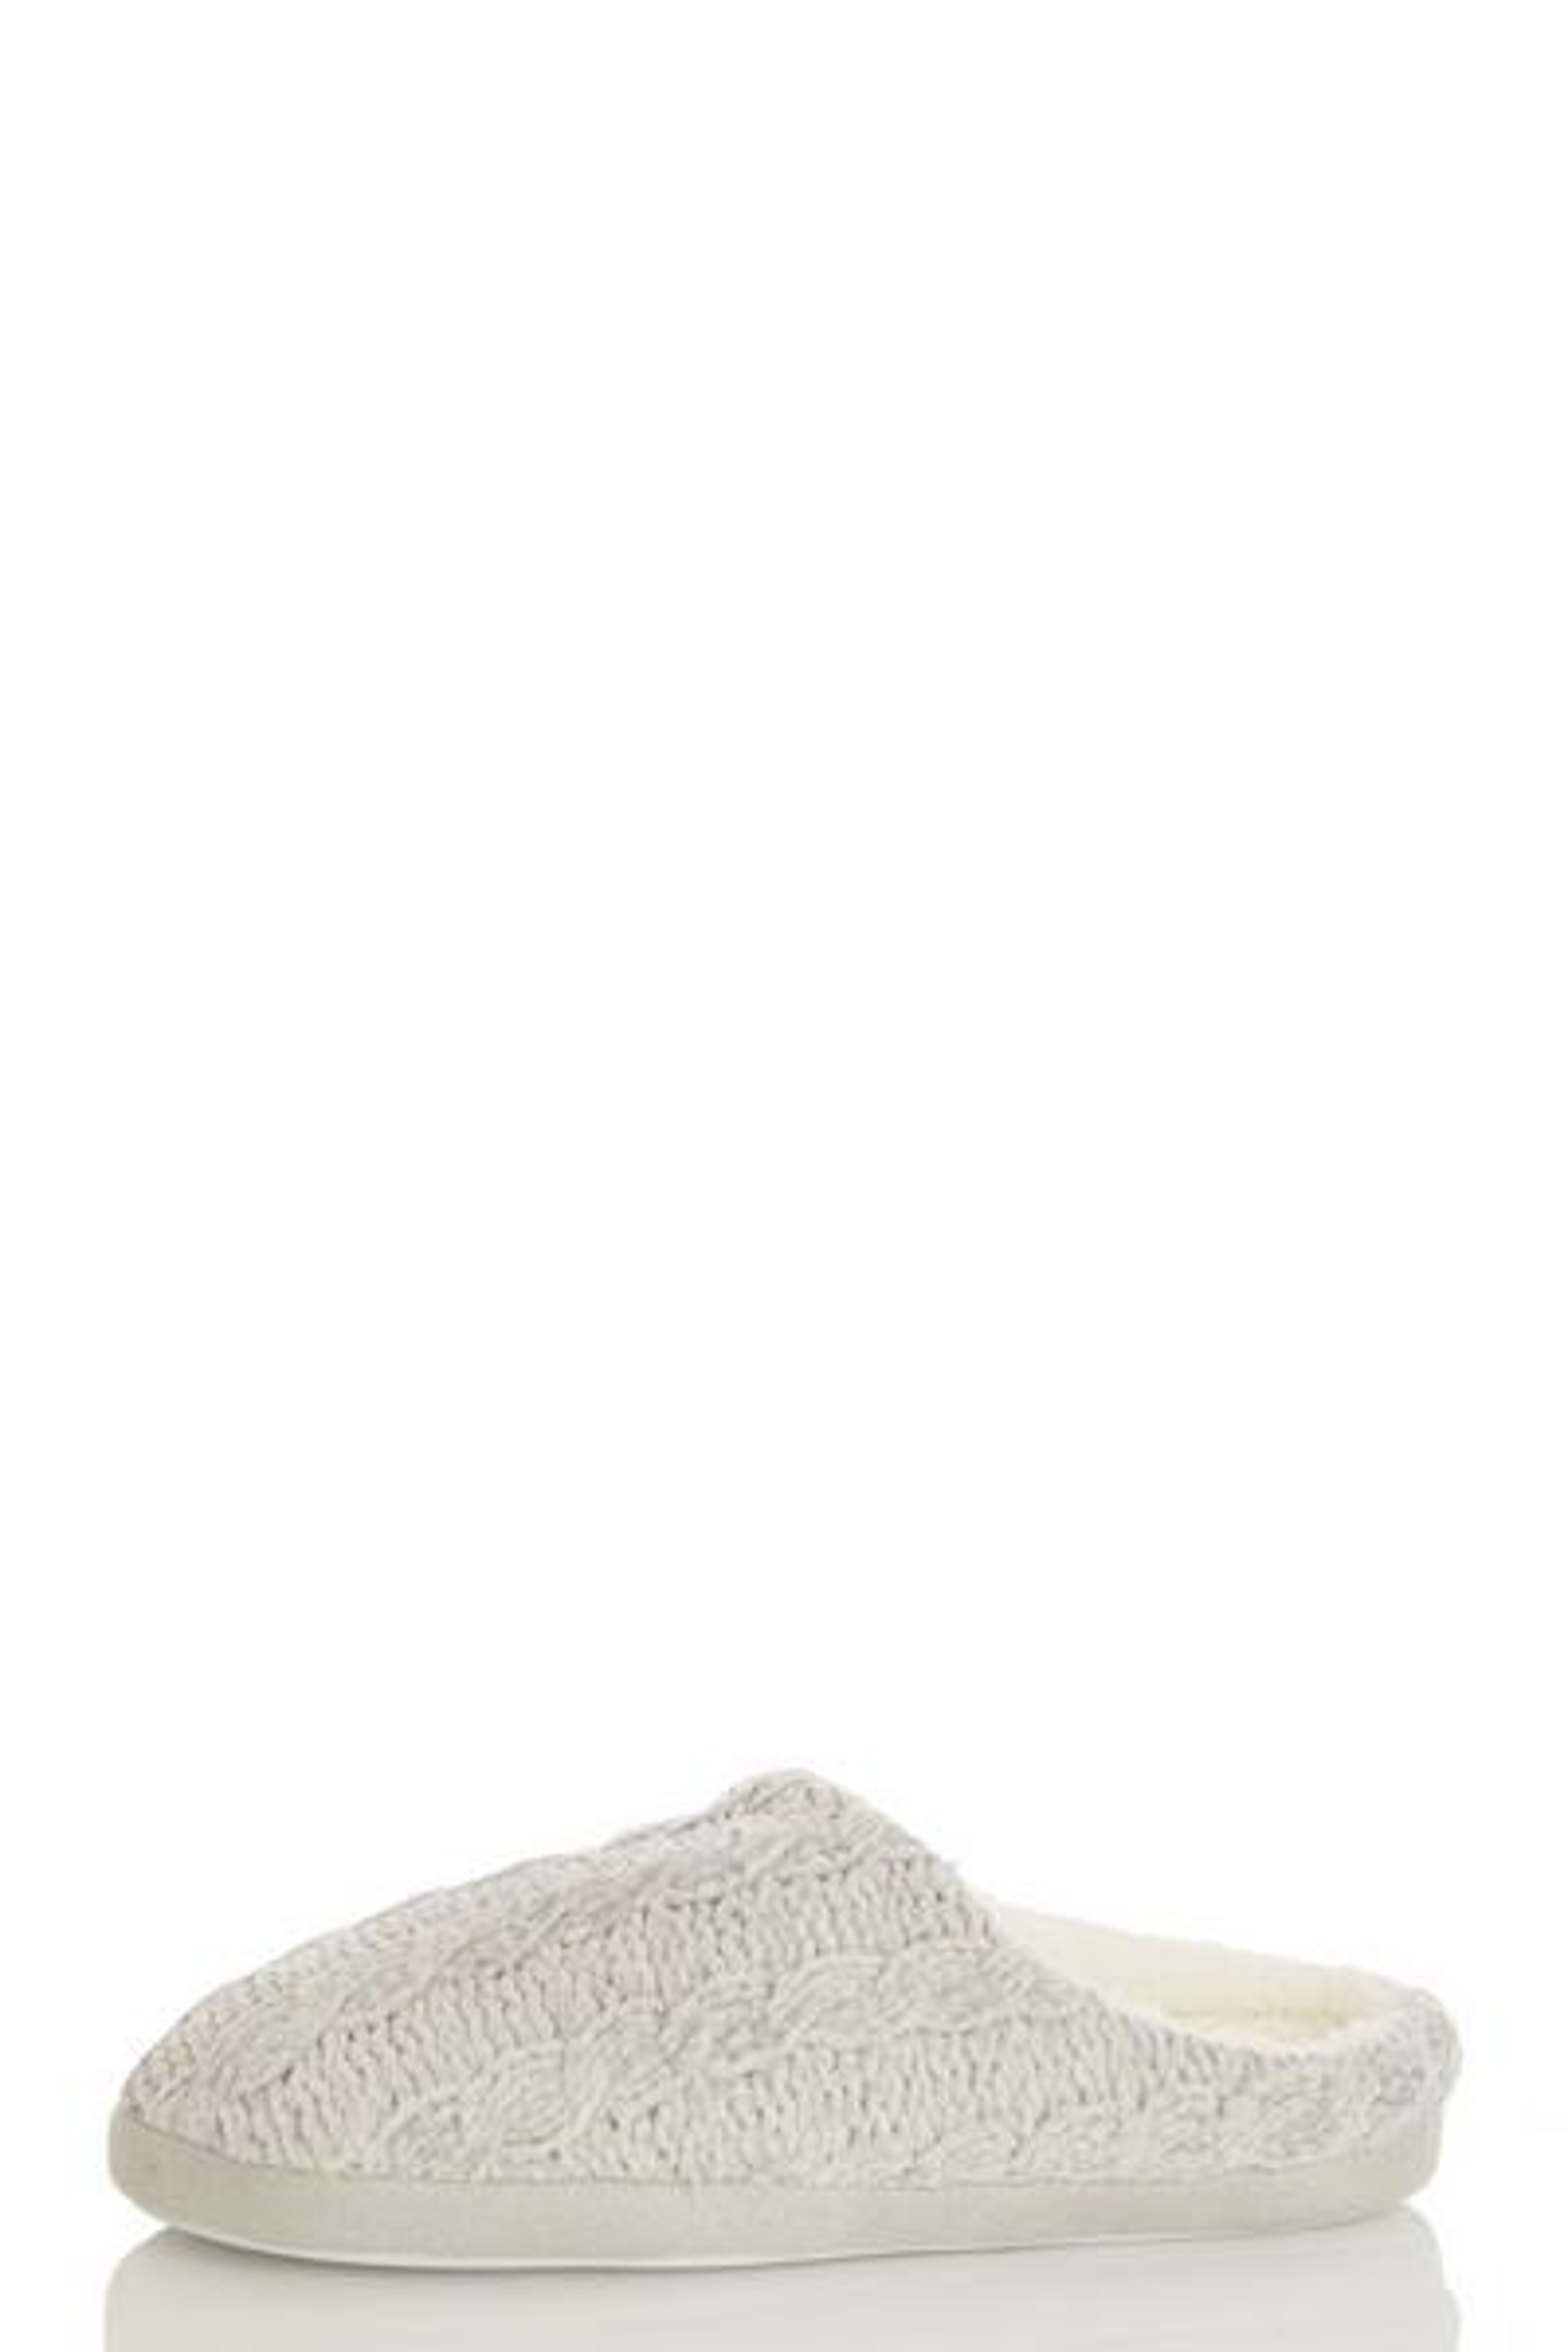 Grey Fleece Mule Slippers